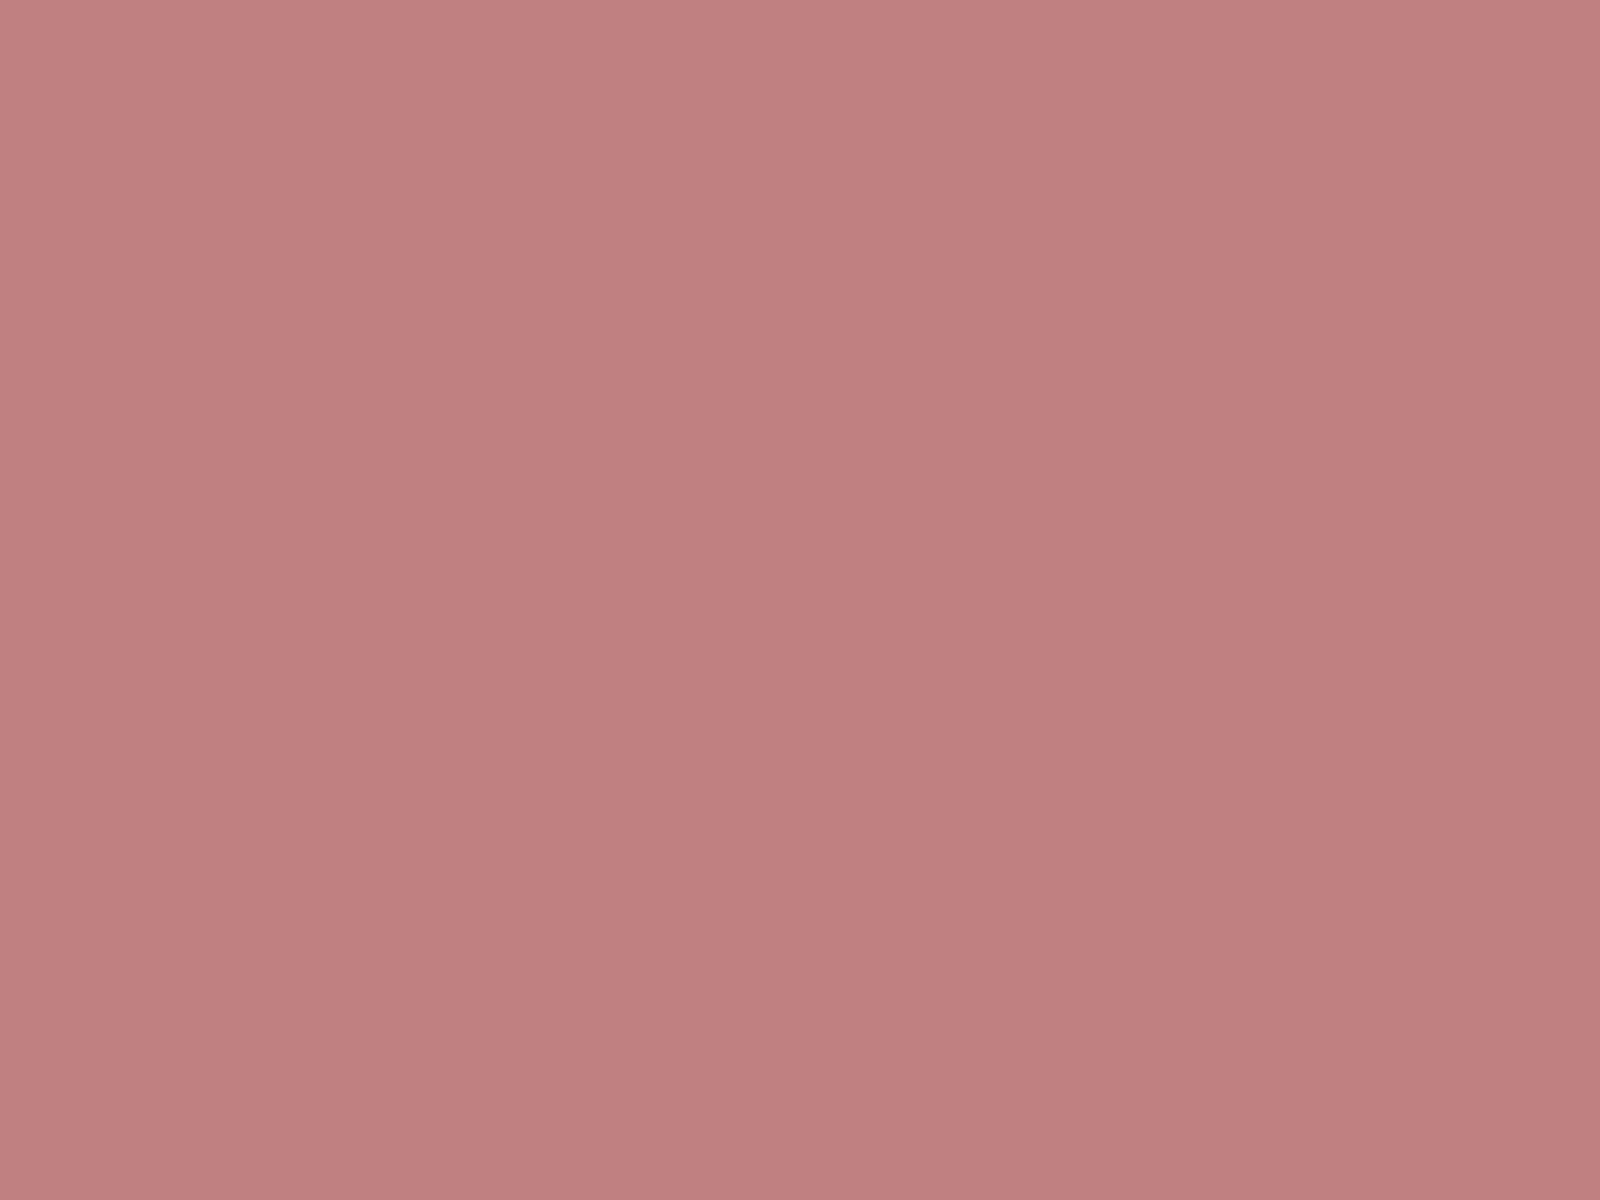 rose colour photos - photo #12